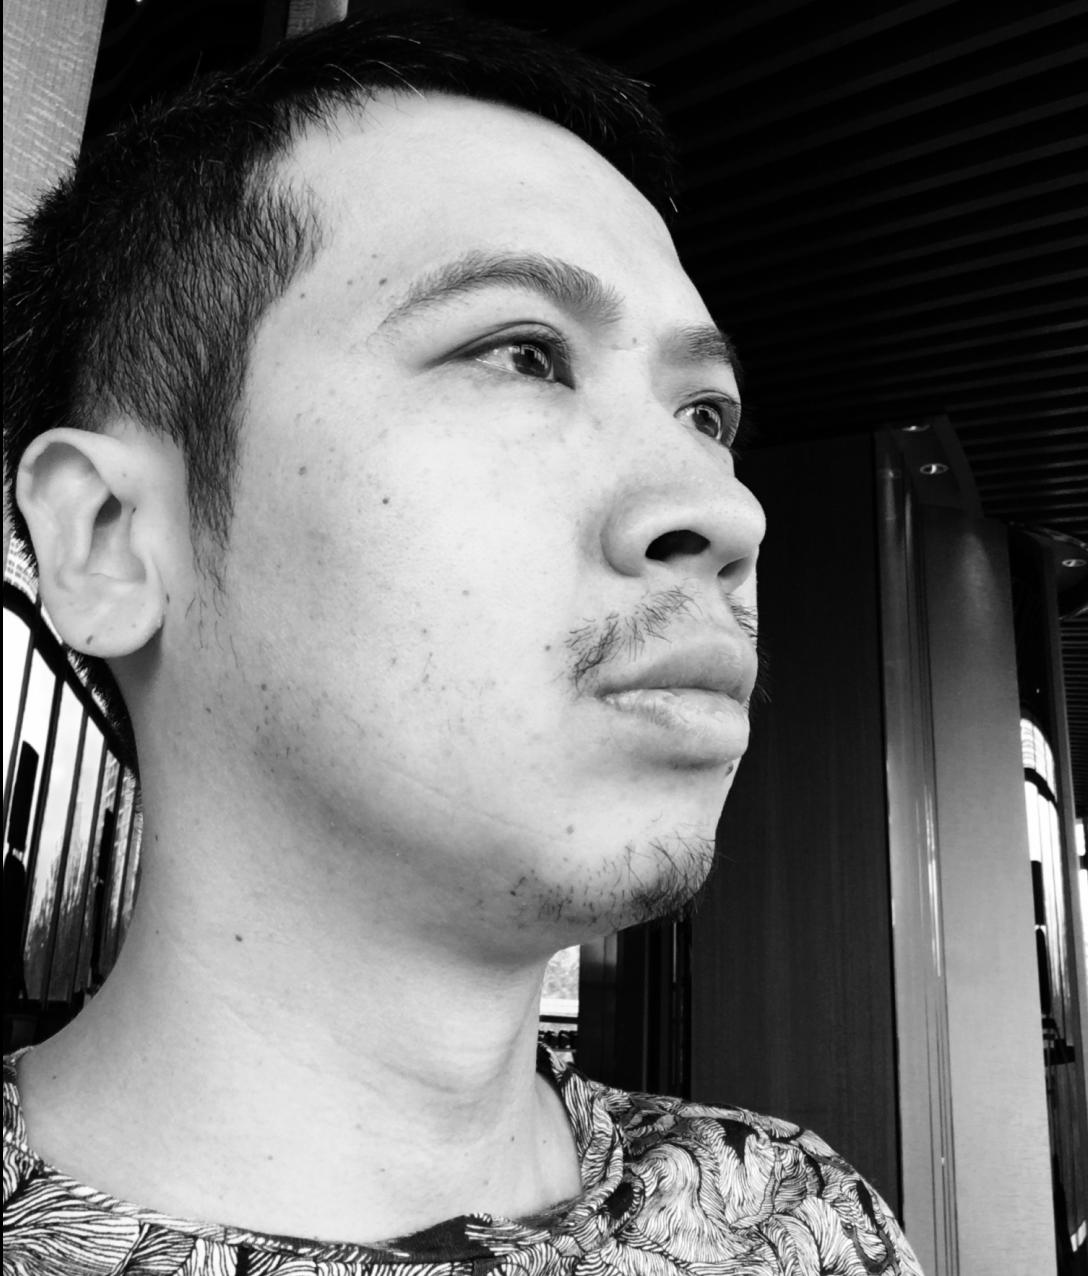 協同性生態賦能社會化創新- 阿里巴巴集團UED大學總監 蕭健興